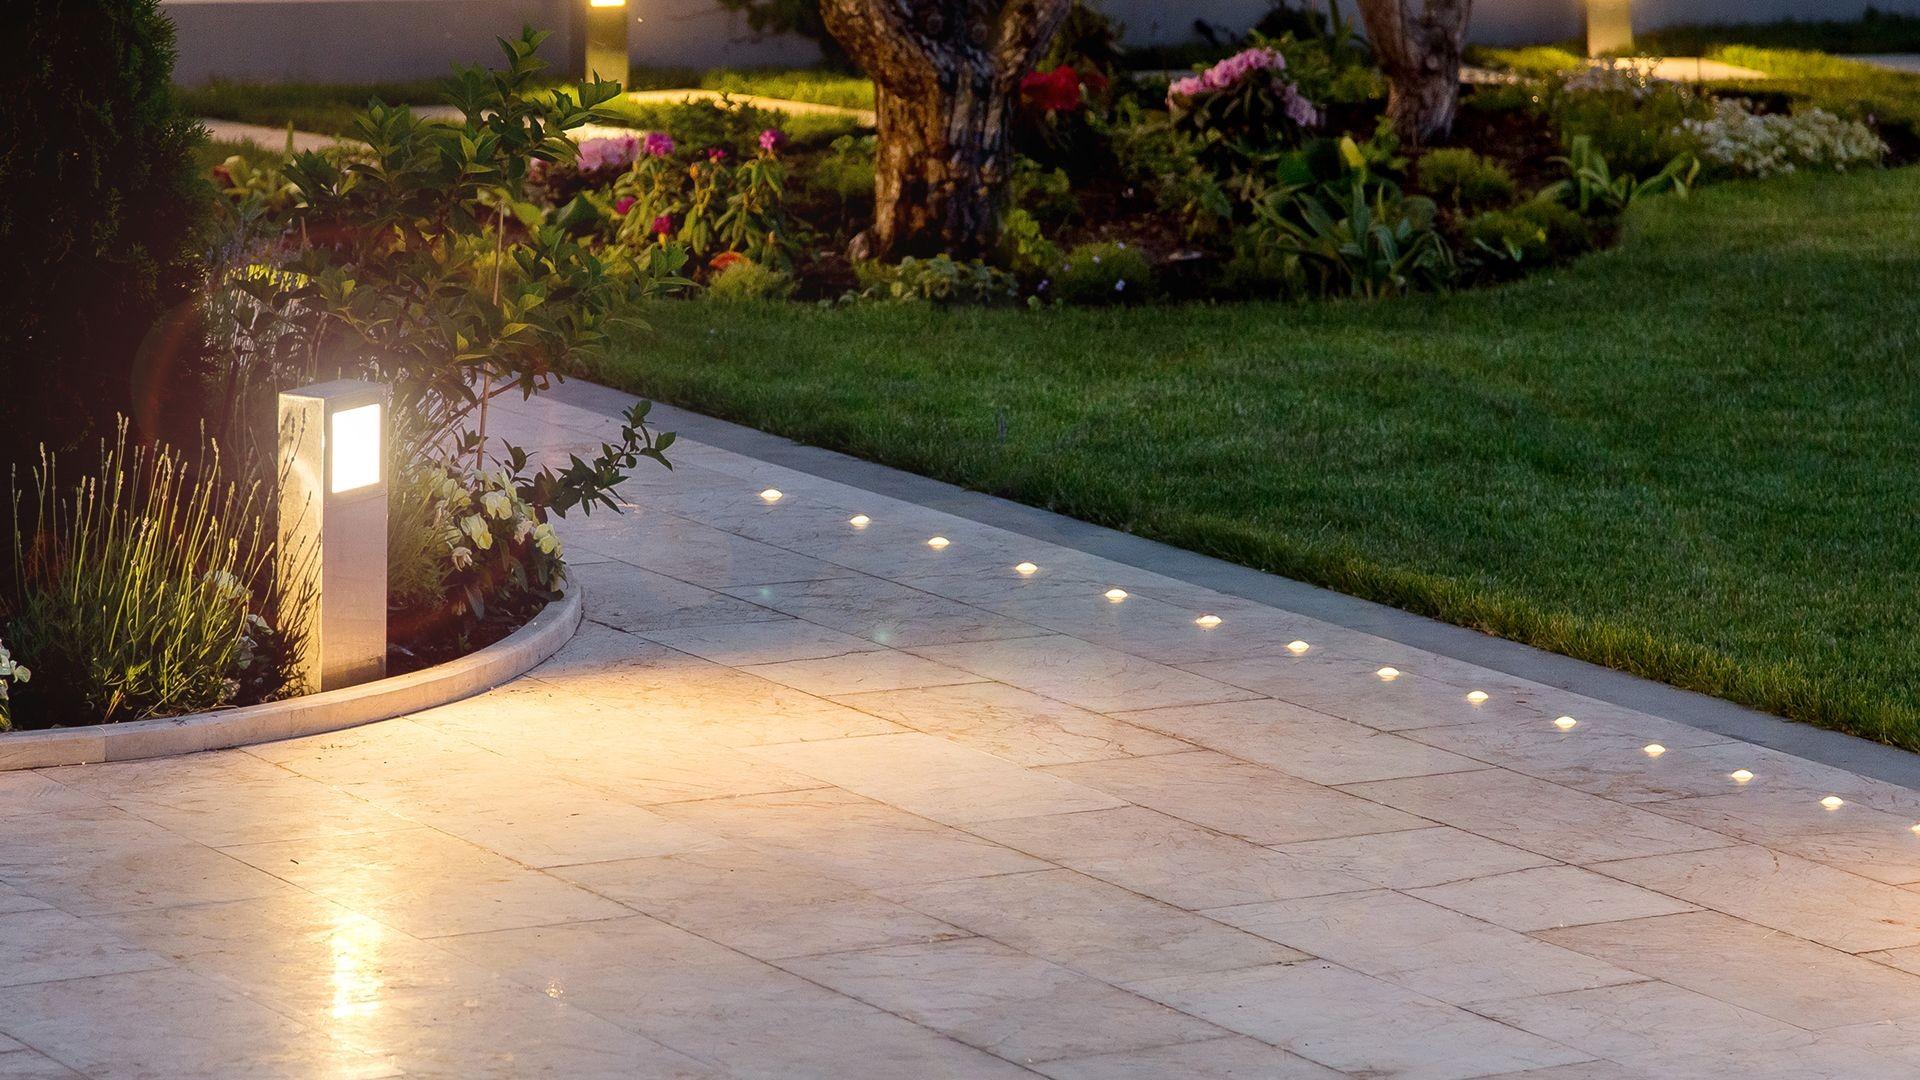 Iluminación de eventos, jardines, carpas, fiestas en Collado Villalba